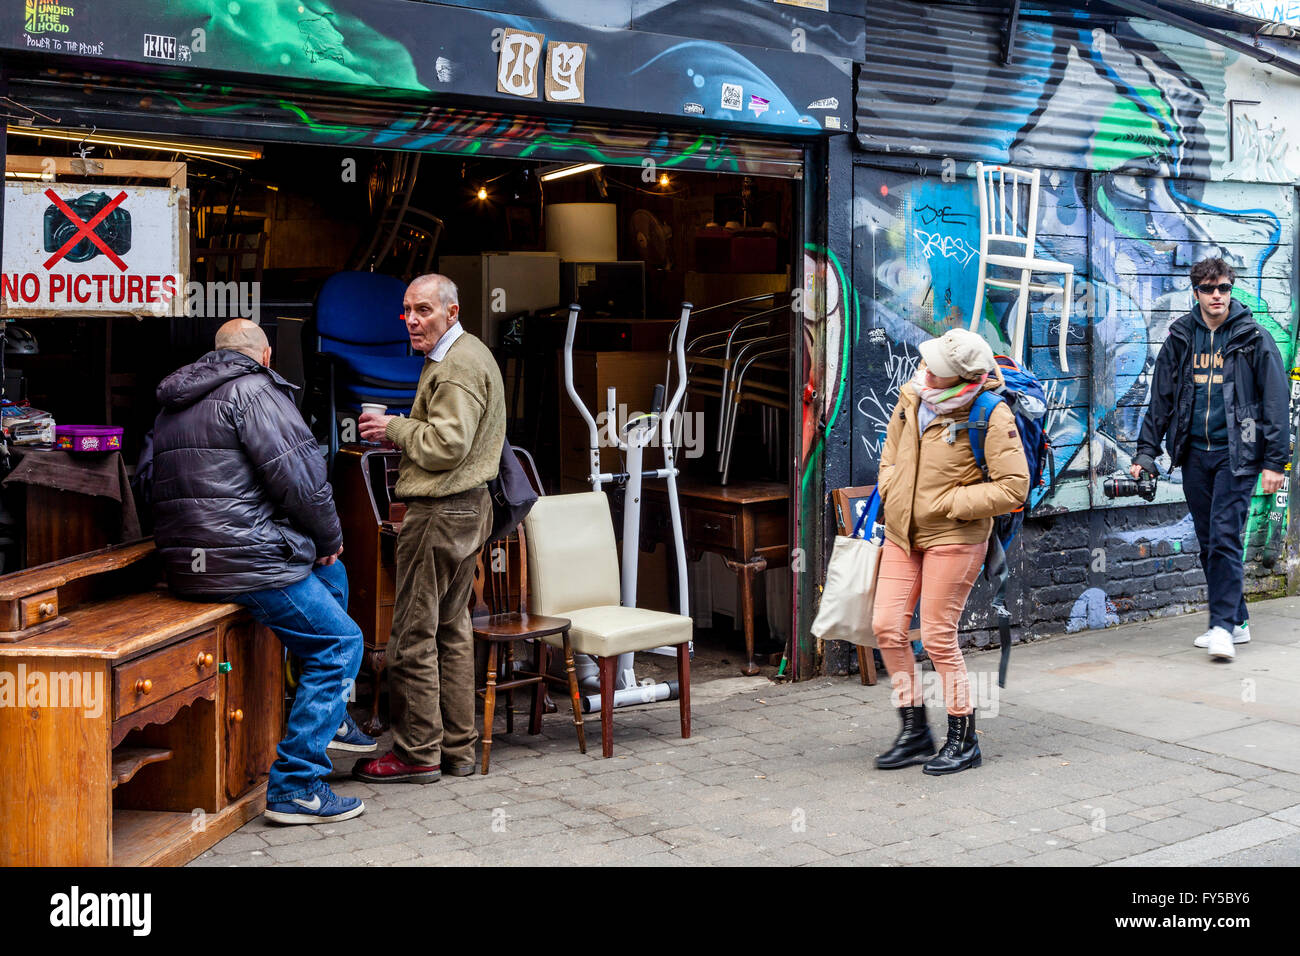 Furniture Shop, Brick Lane, London, UK - Stock Image